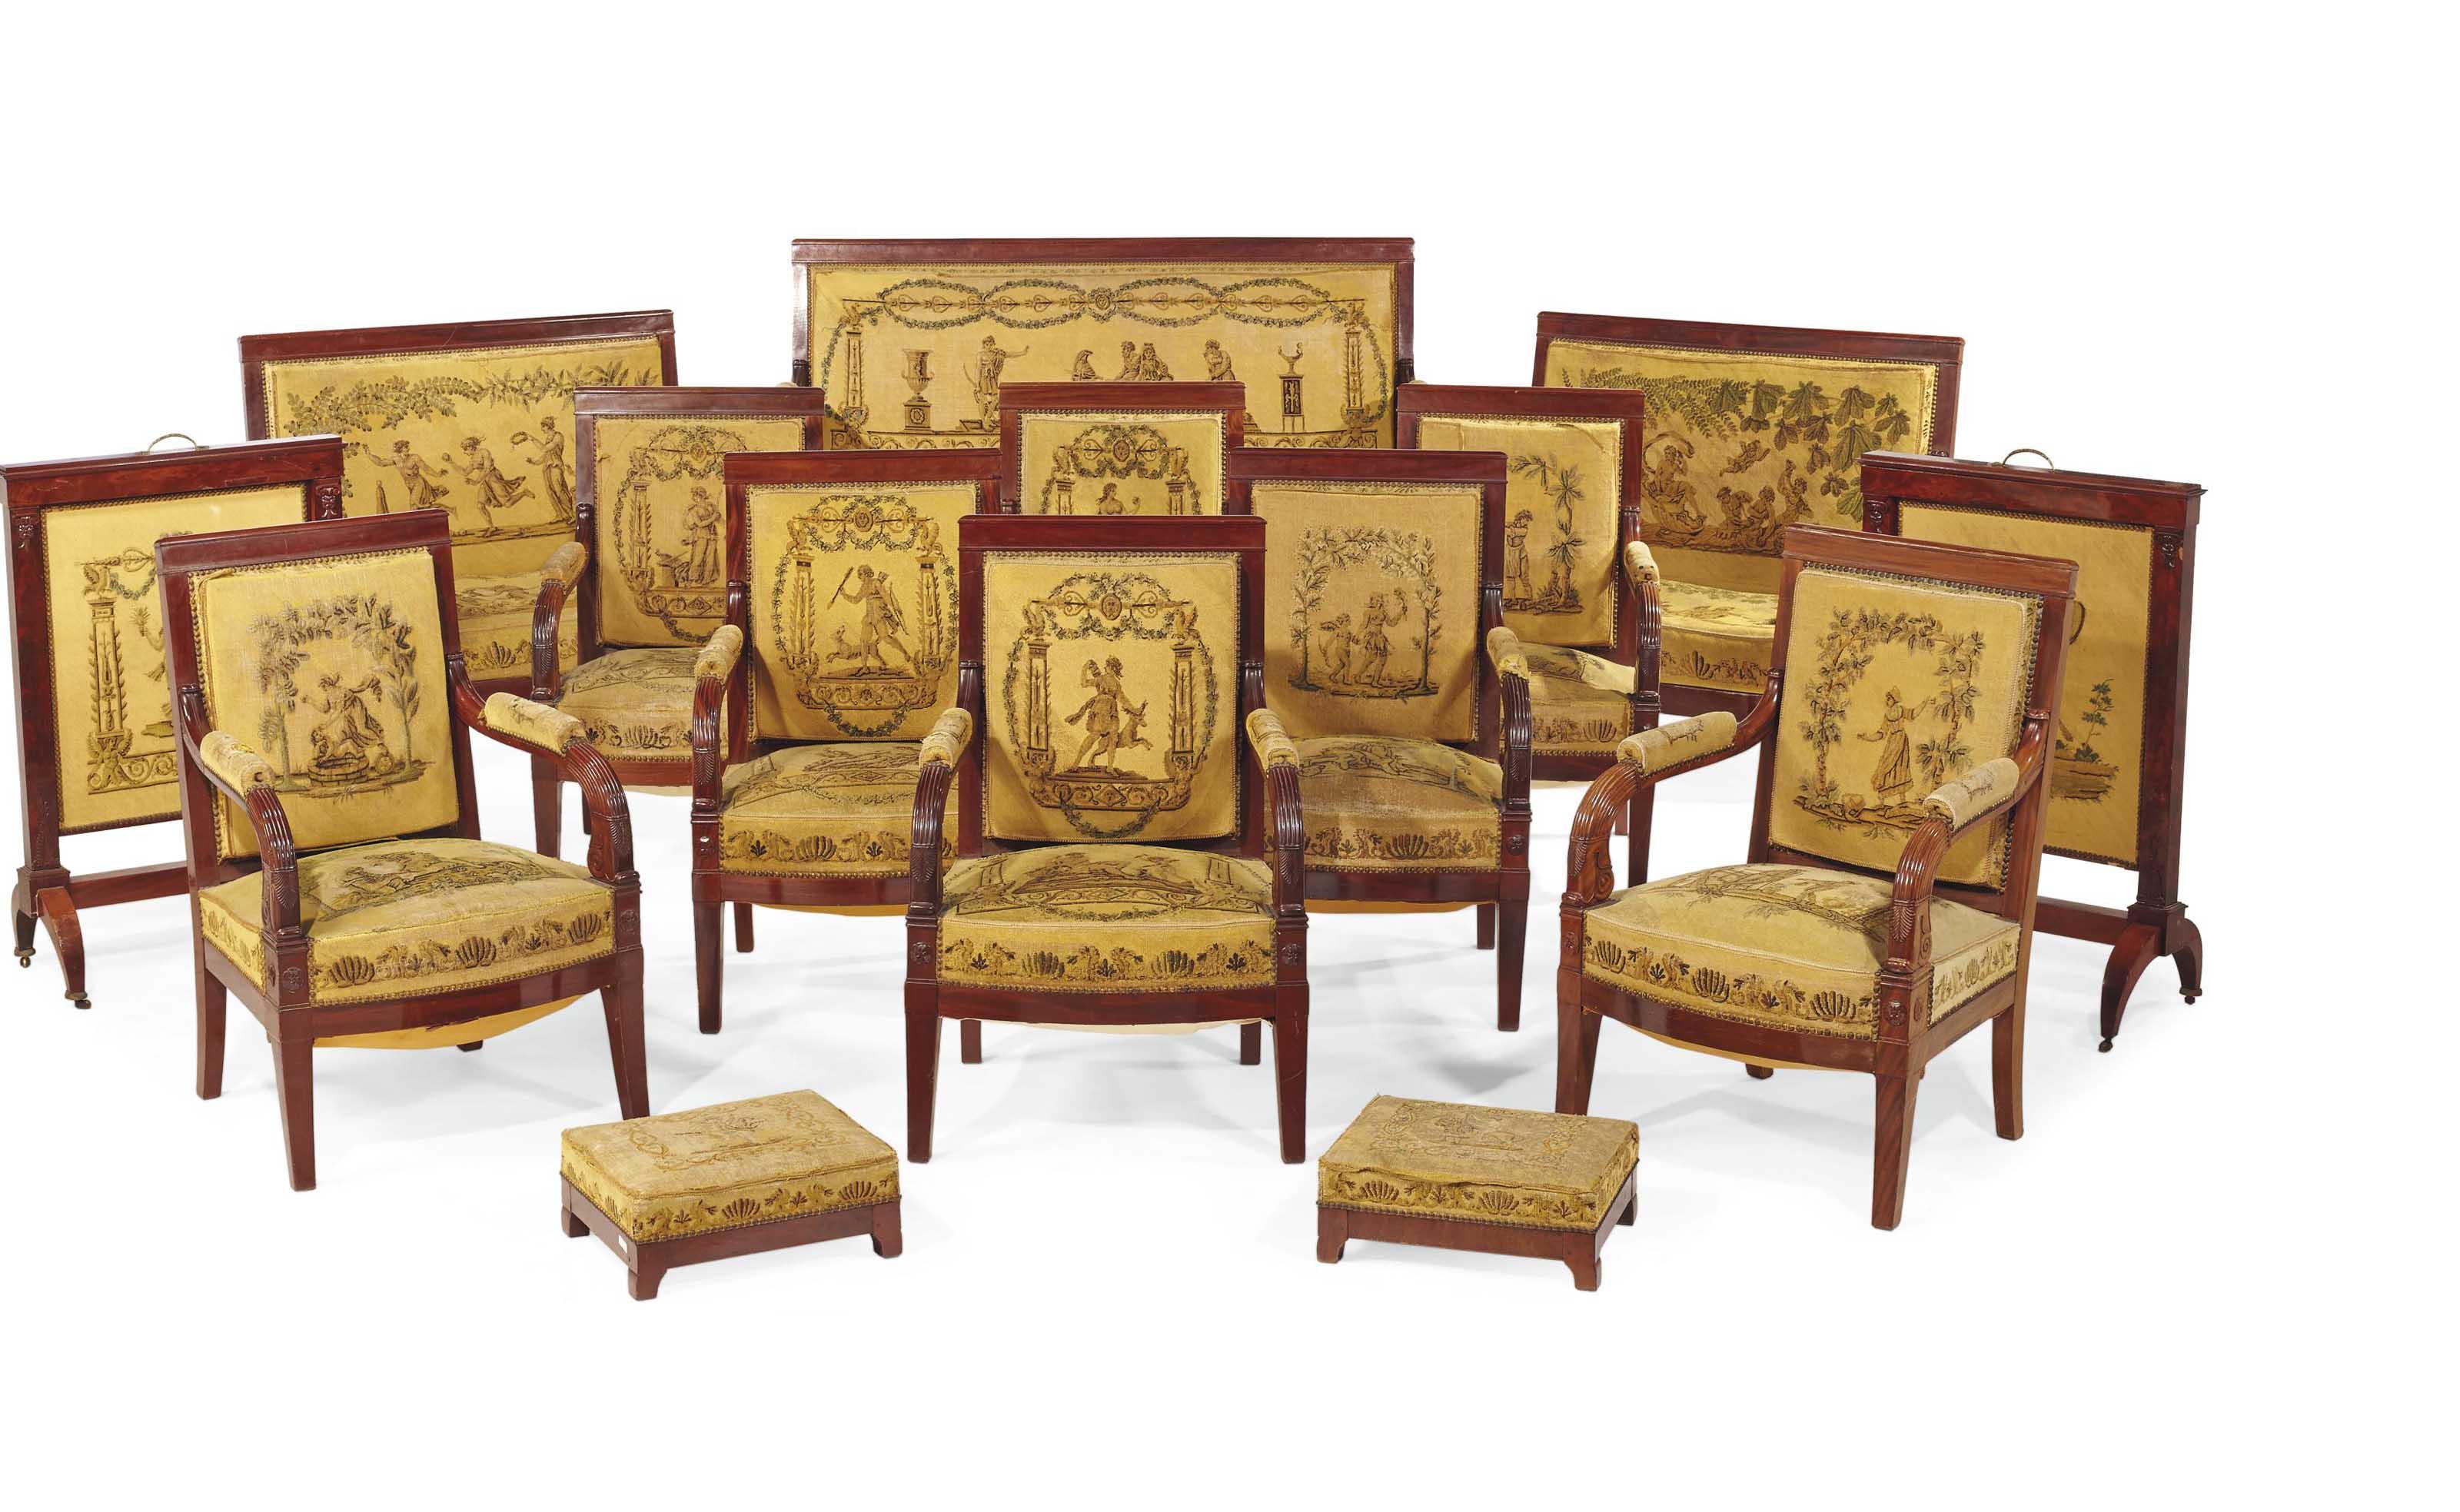 mobilier de salon d 39 epoque empire attribue a francois honore georges jacob desmalter vers. Black Bedroom Furniture Sets. Home Design Ideas